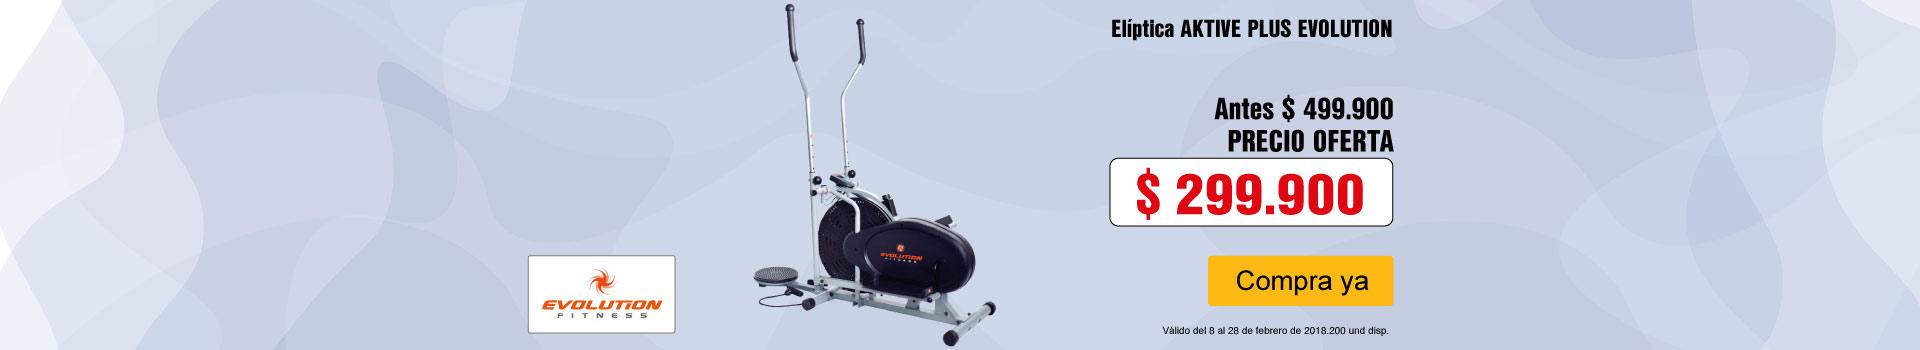 CAT-AK-KT-12-Deportes-eliptica-evolution-200plus-cat-febrero17/20